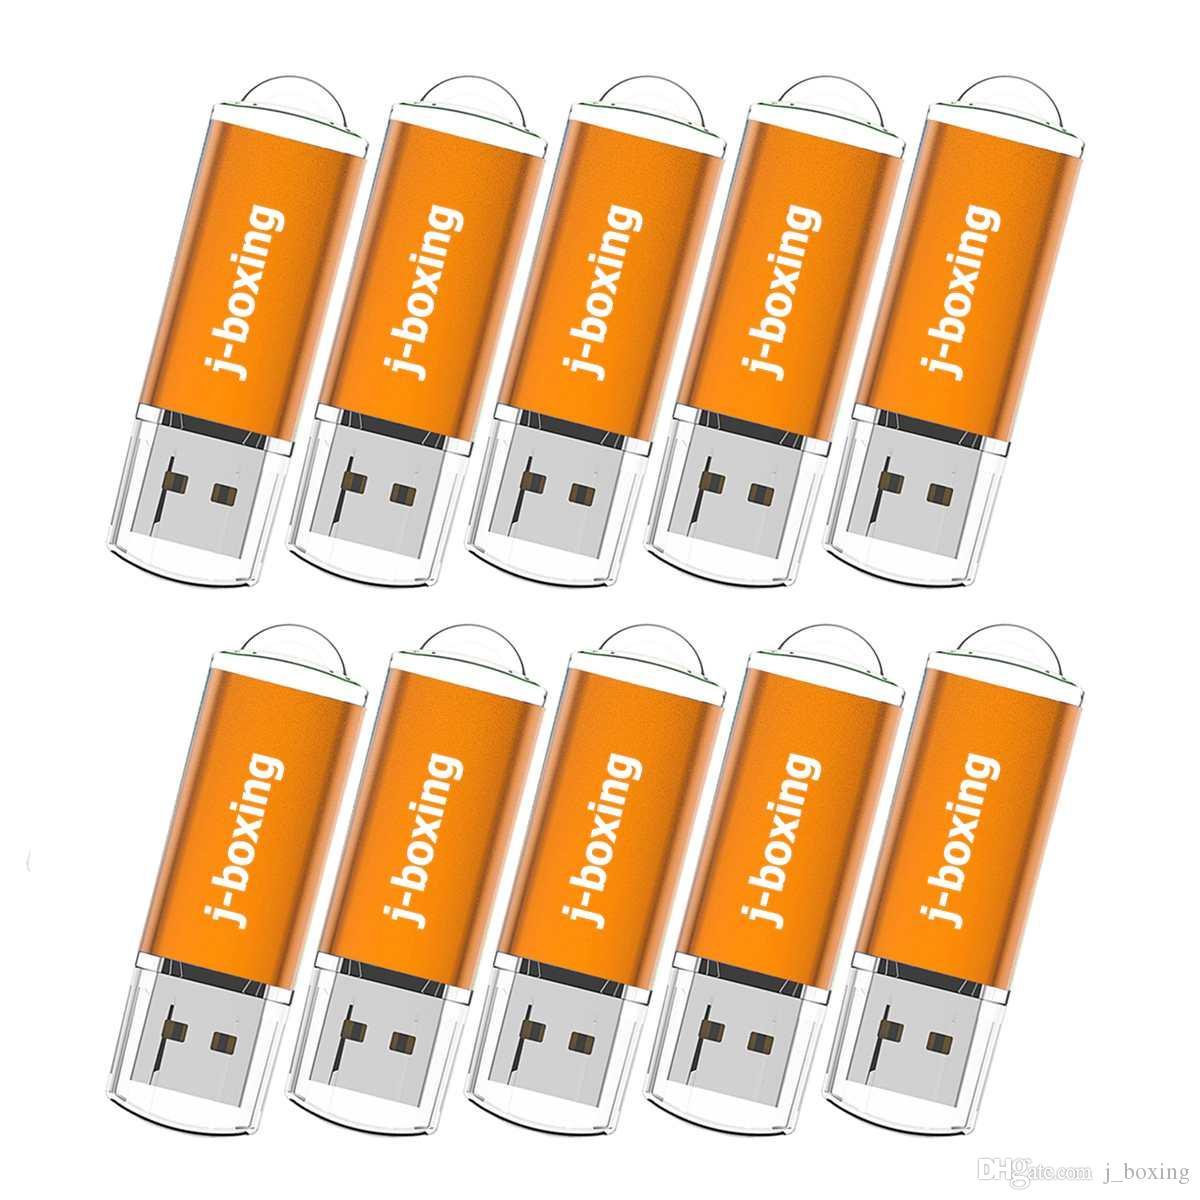 Arancione Bulk 200PCS 8GB del USB 2.0 Flash Drive rettangolo Thumb Pen Drive Flash Memory Stick di stoccaggio per computer portatile Macbook Tablet U Disk